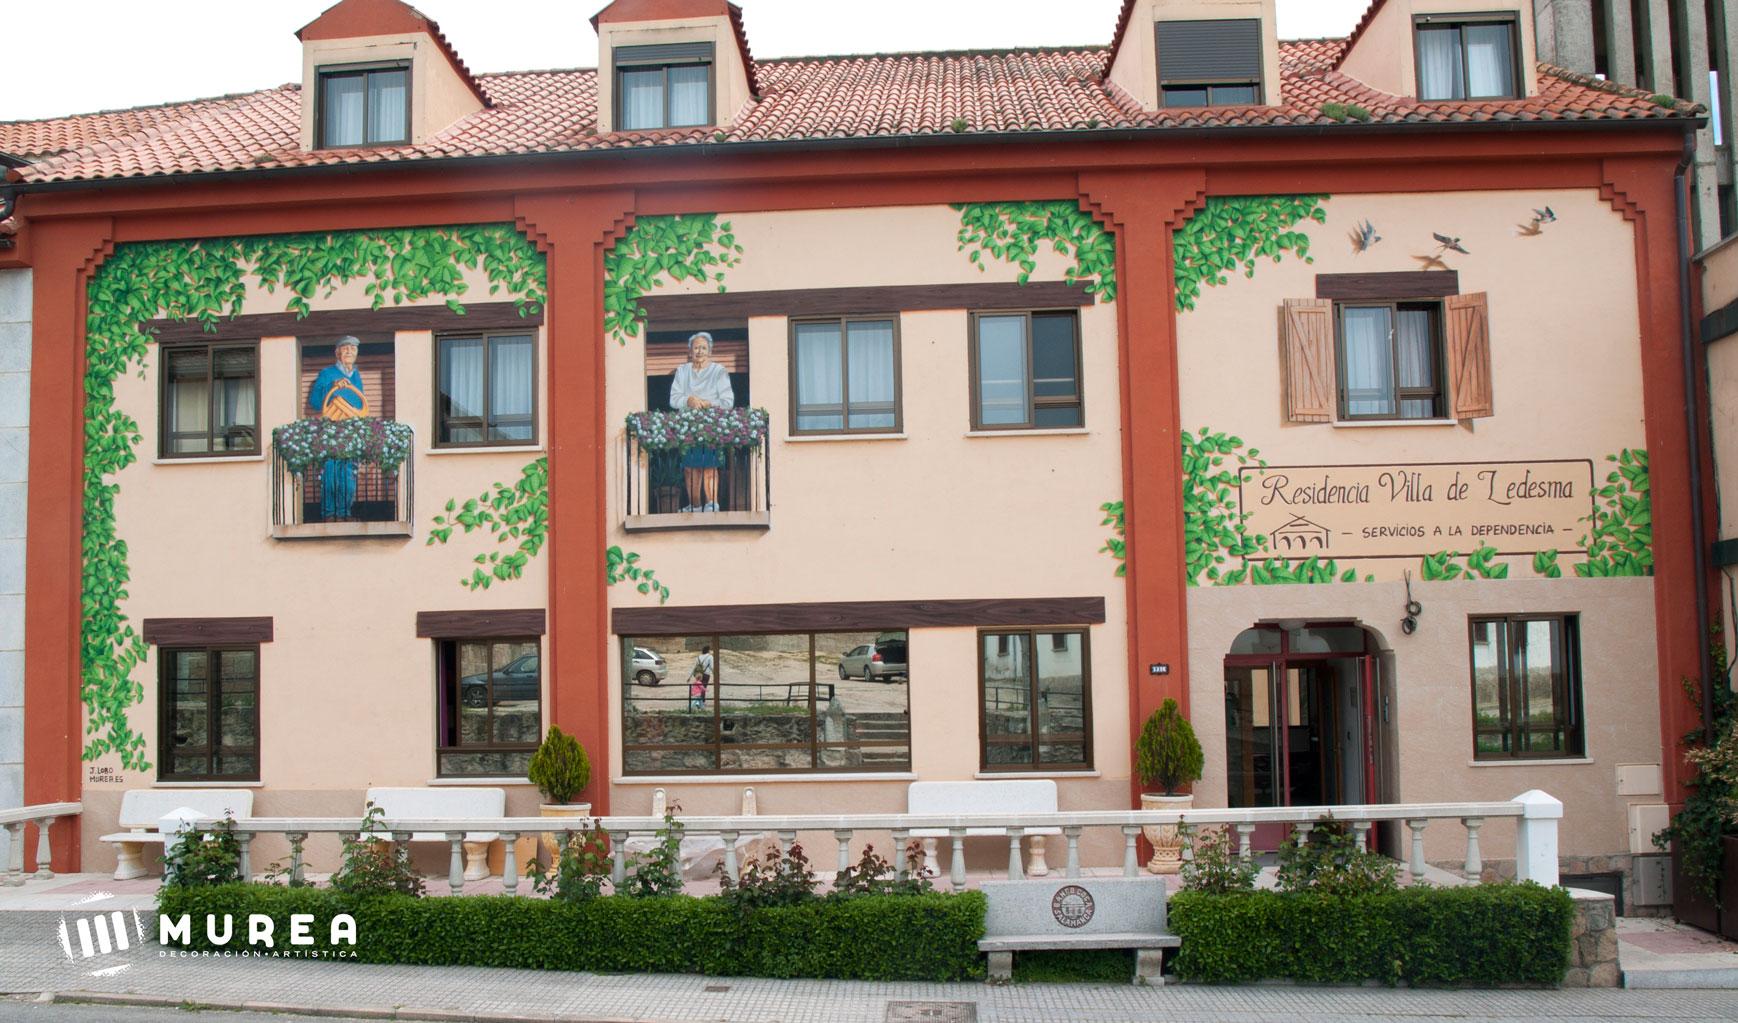 Mural decorativo para Residencia Villa Ledesma, Ledesma 2016